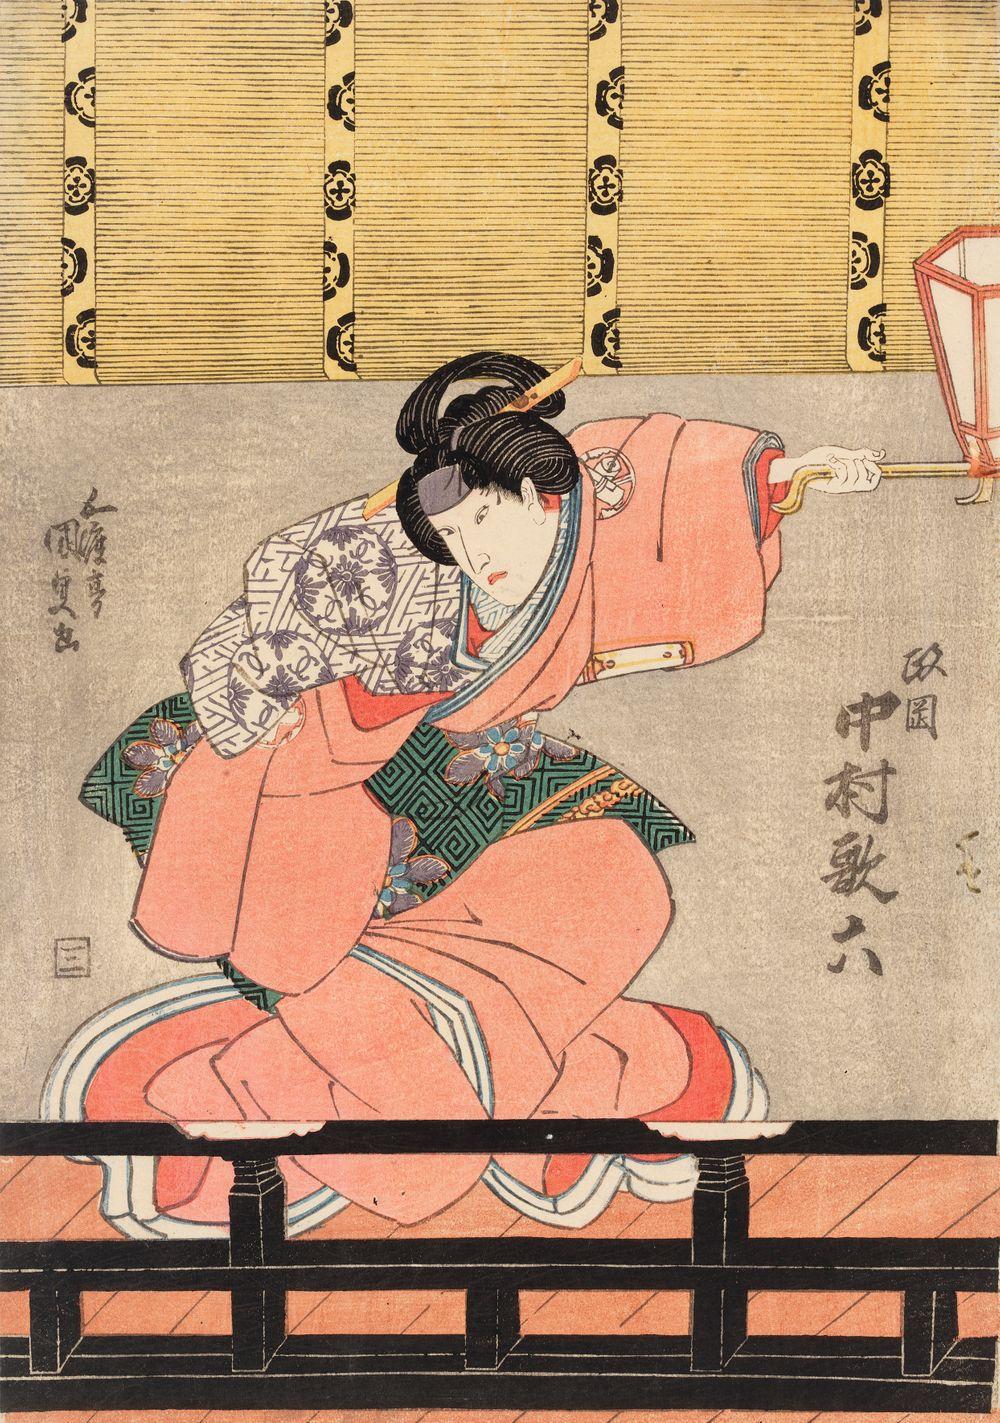 Näyttelijä Nakamura Utaroku lapsenhoitaja Masaokan roolissa